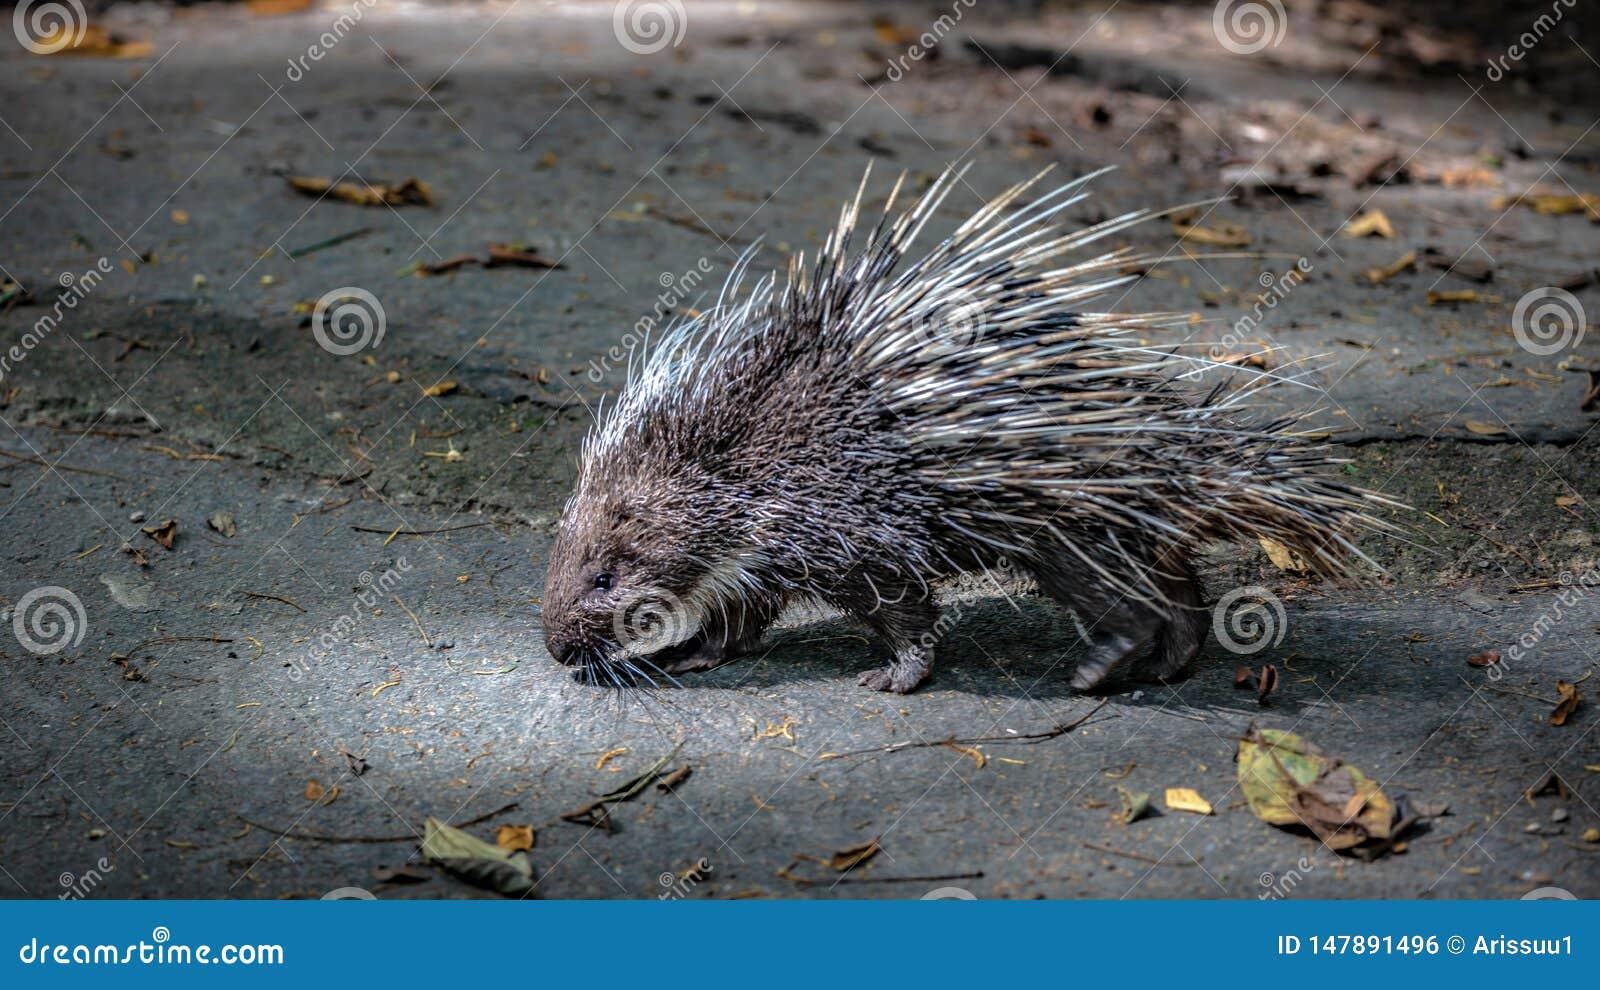 豪猪啮齿目动物和锋利的脊椎野生生物动物